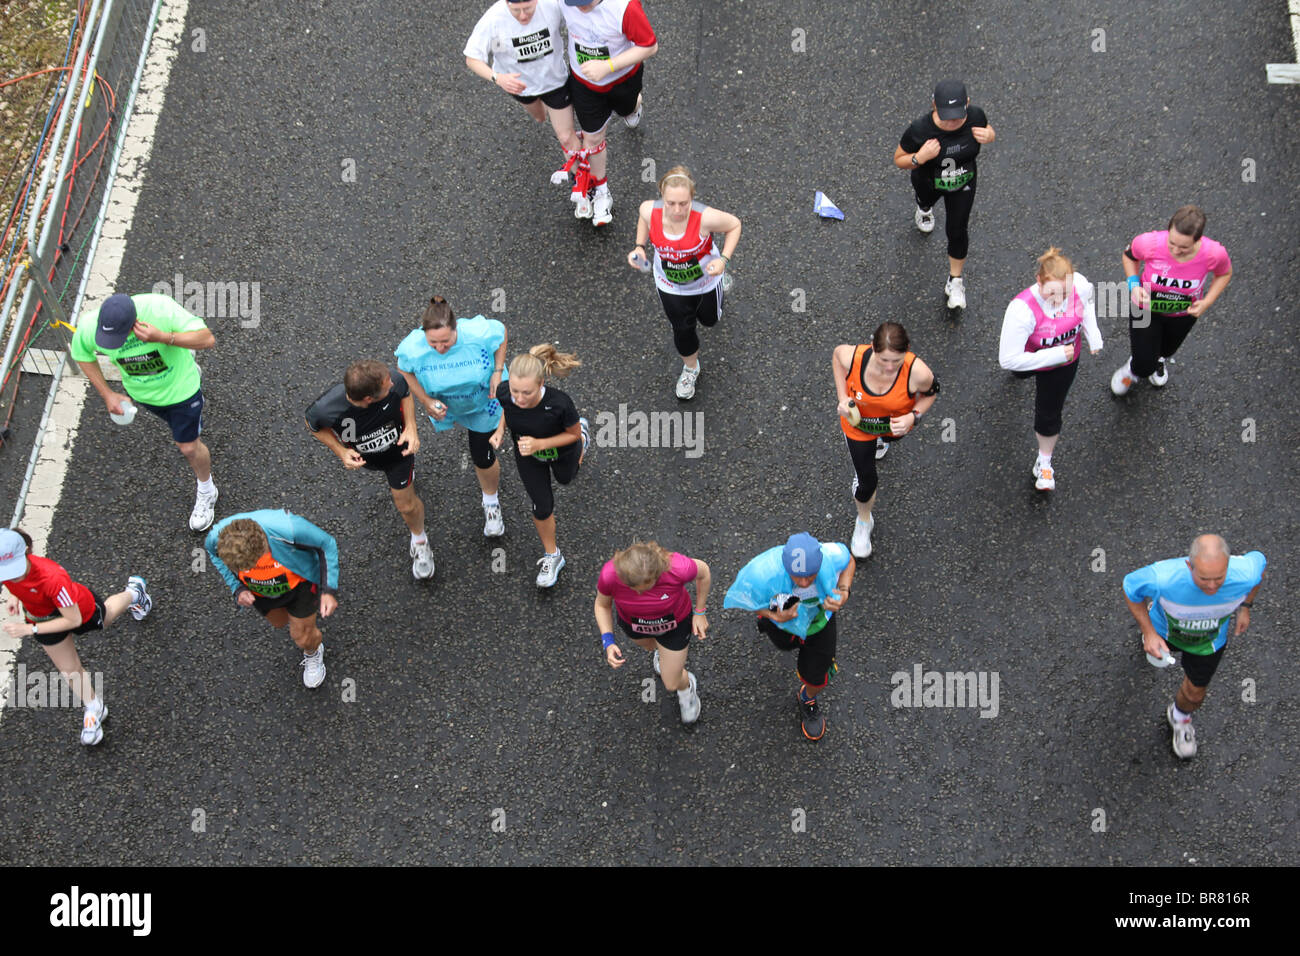 30 GREAT NORTH RUN 2010 start line mondi più grande eseguire/ mezza maratona Newcastle a South Shields 54.000 Immagini Stock